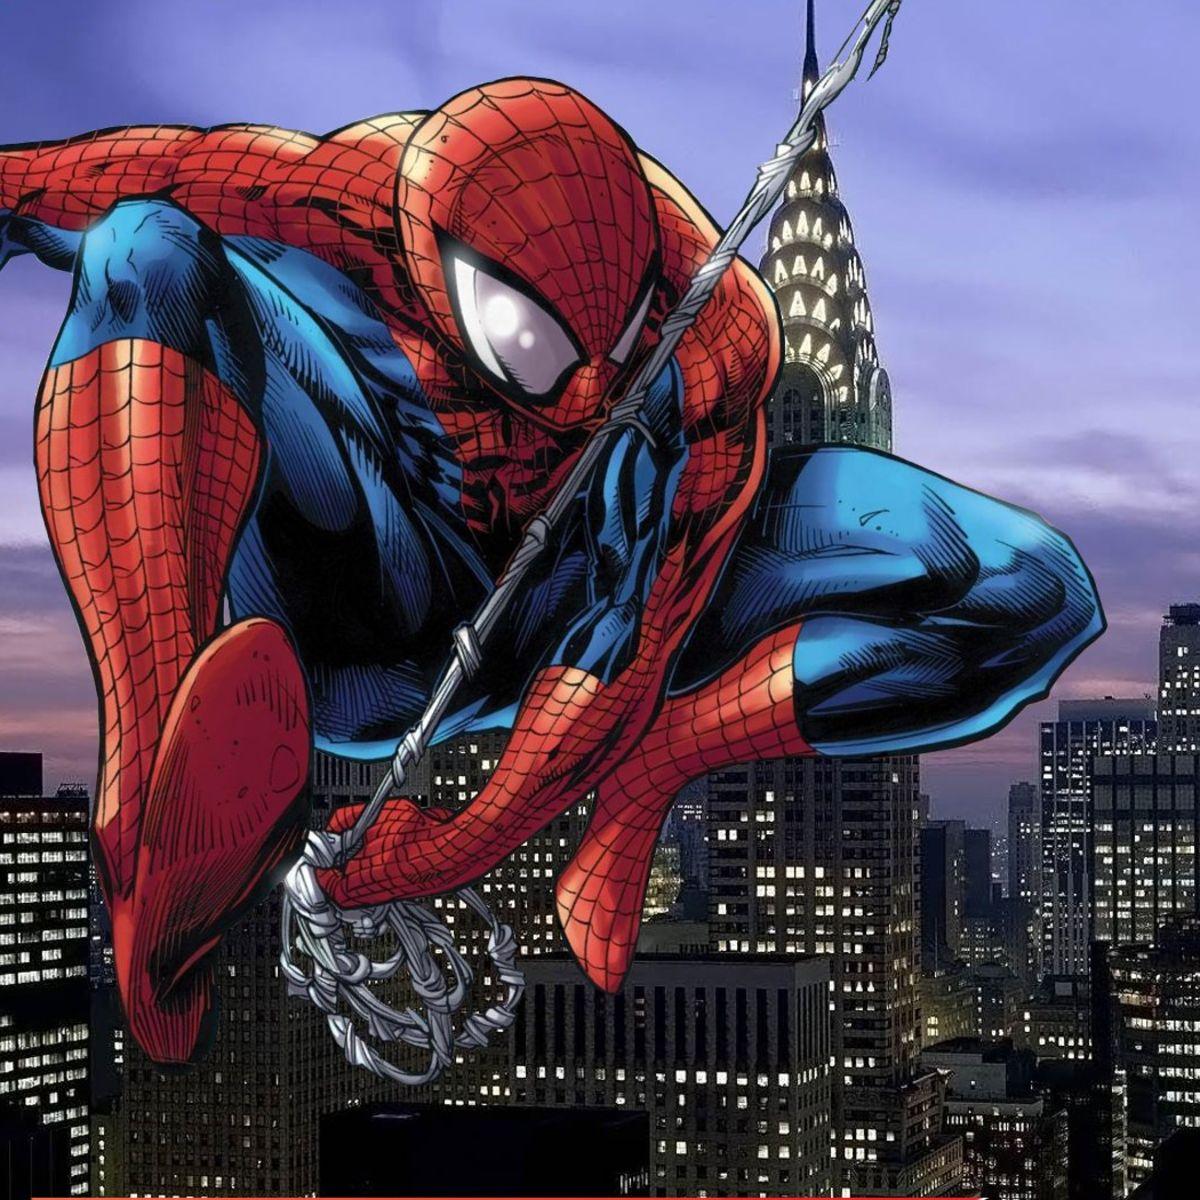 3402762-spidrman-spider-man-30.jpg